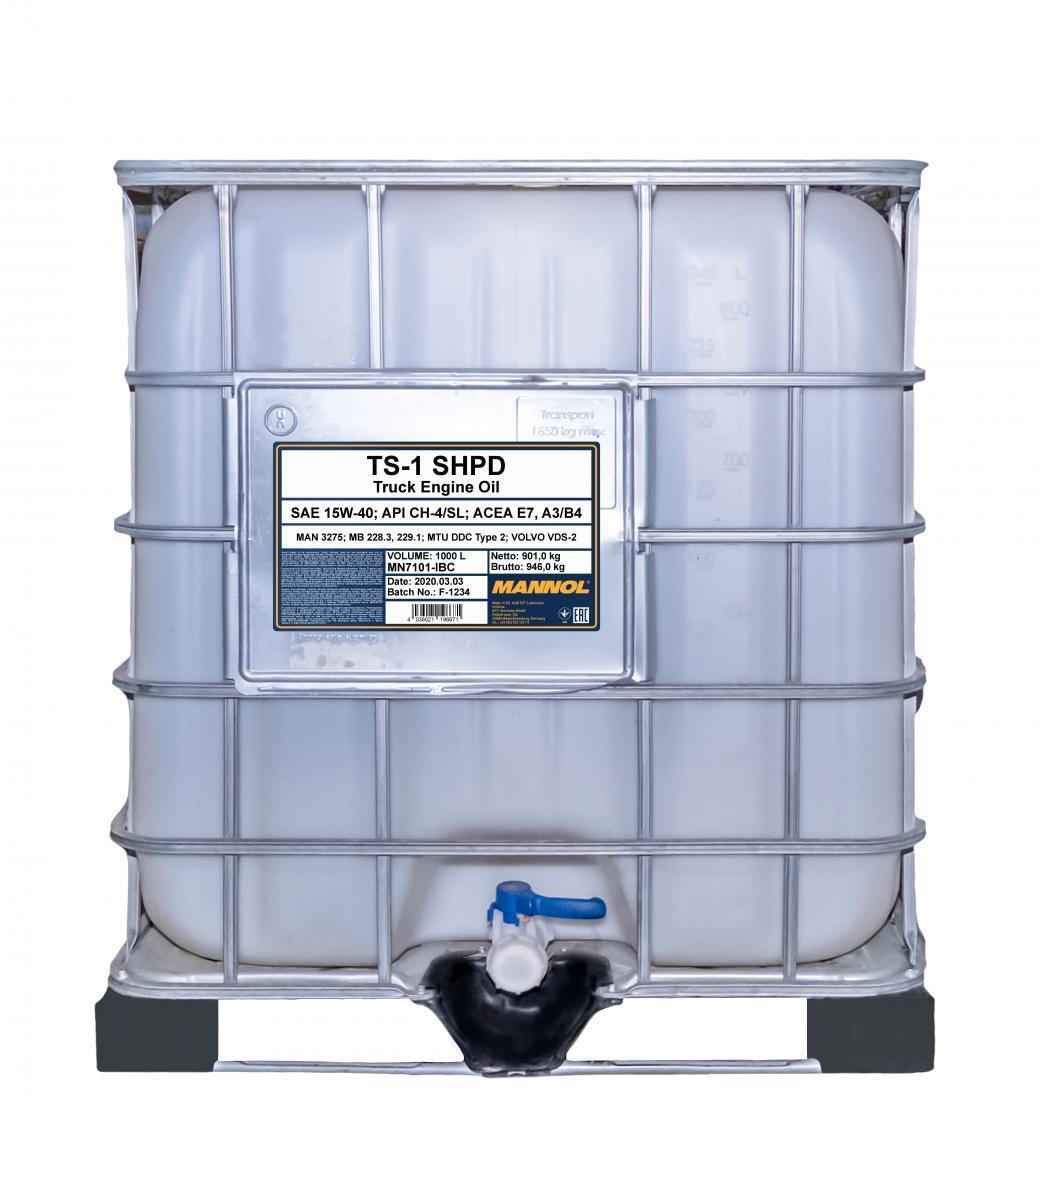 MN7101-IBC MANNOL TS-1, SHPD 15W-40, 15W-40, 1000l, Mineralöl Motoröl MN7101-IBC günstig kaufen